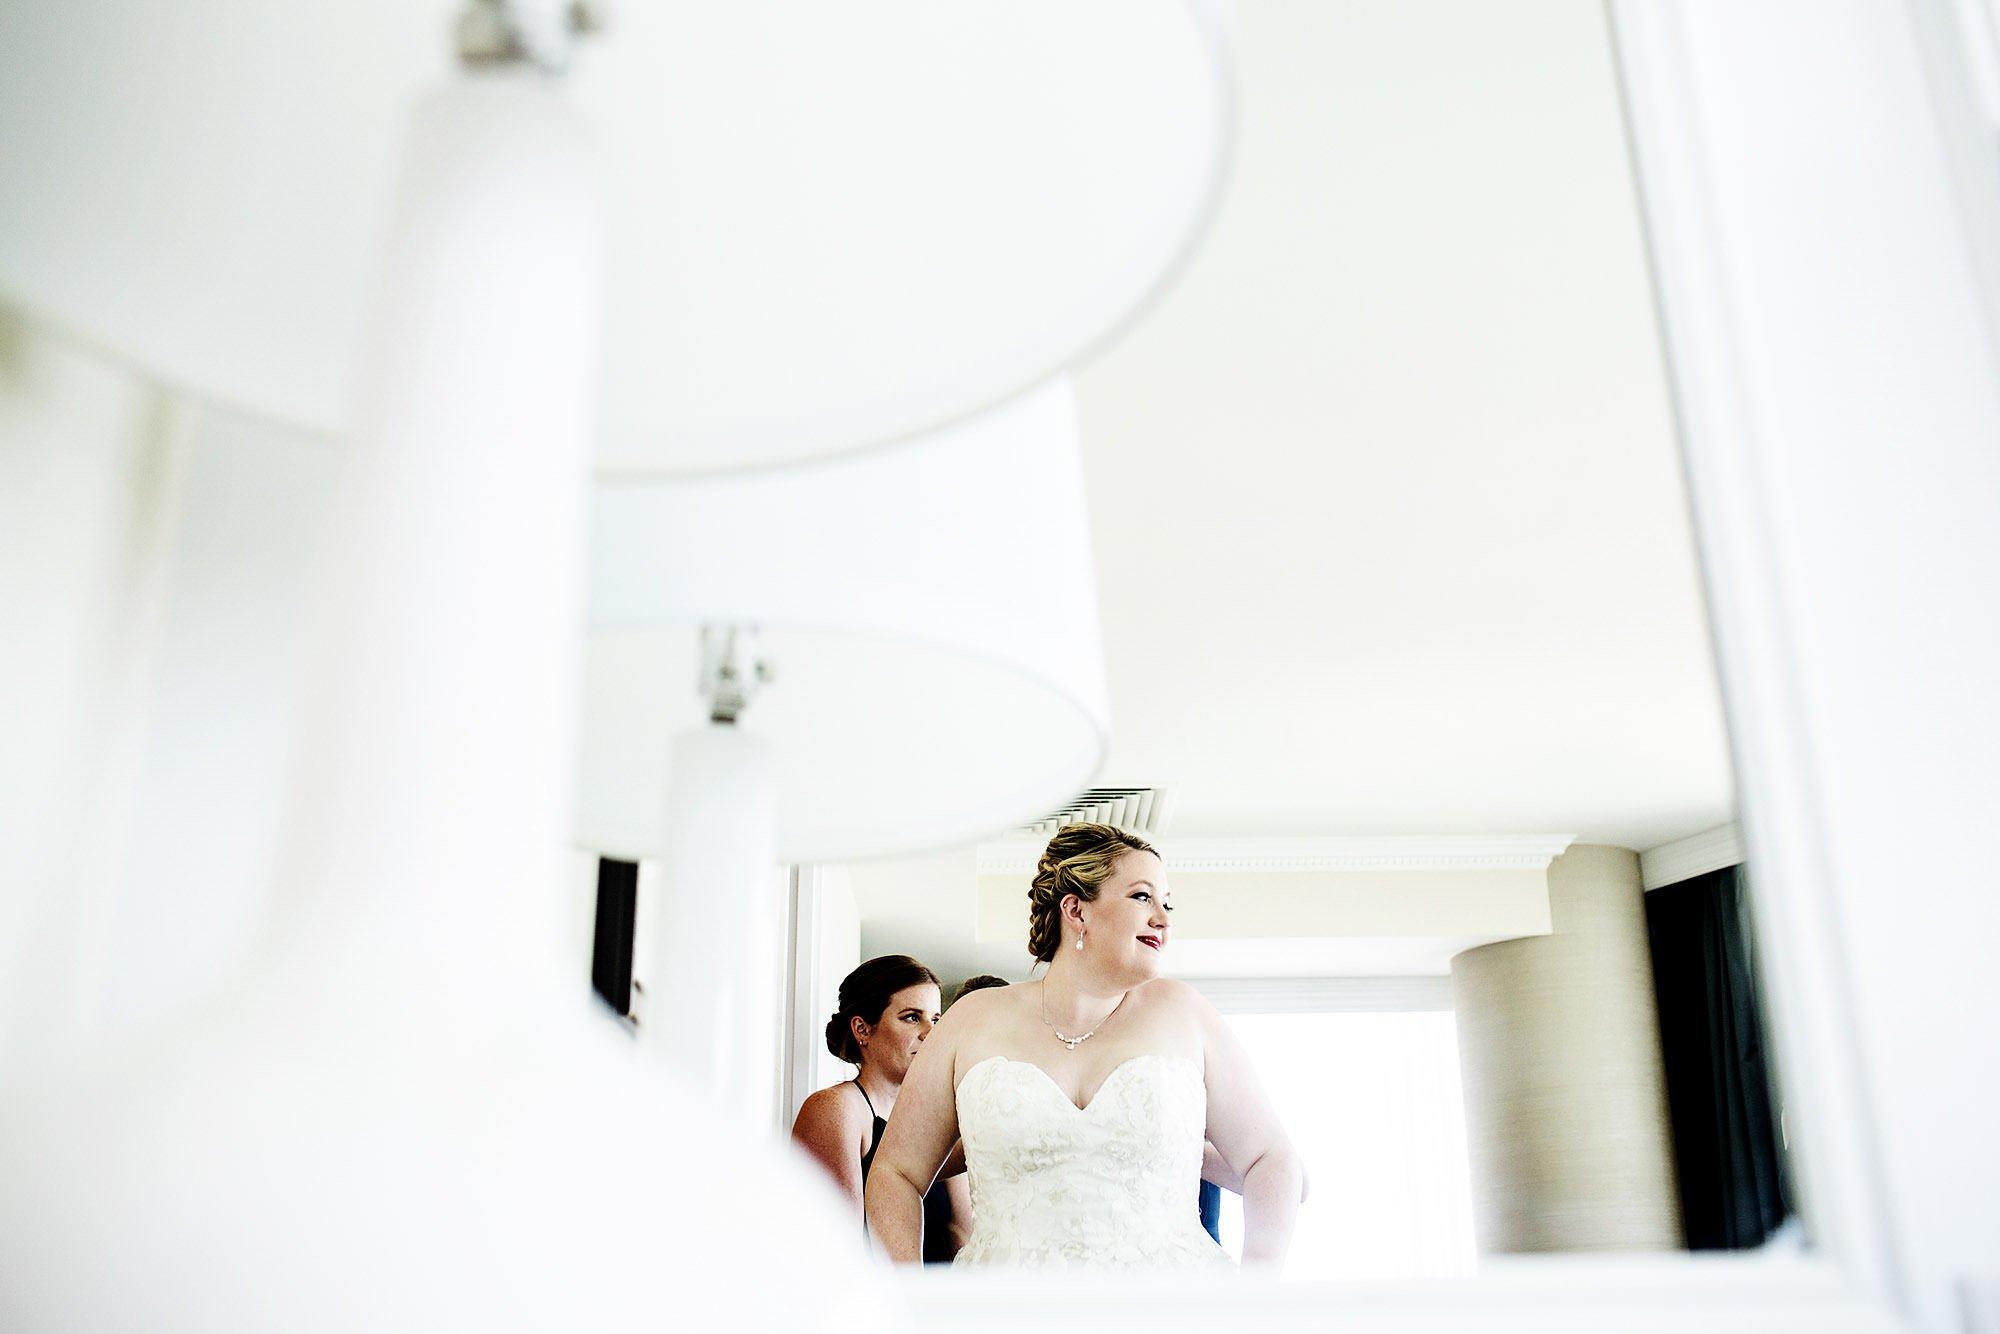 New England Aquarium Wedding  I  The bride gets ready before the ceremony.